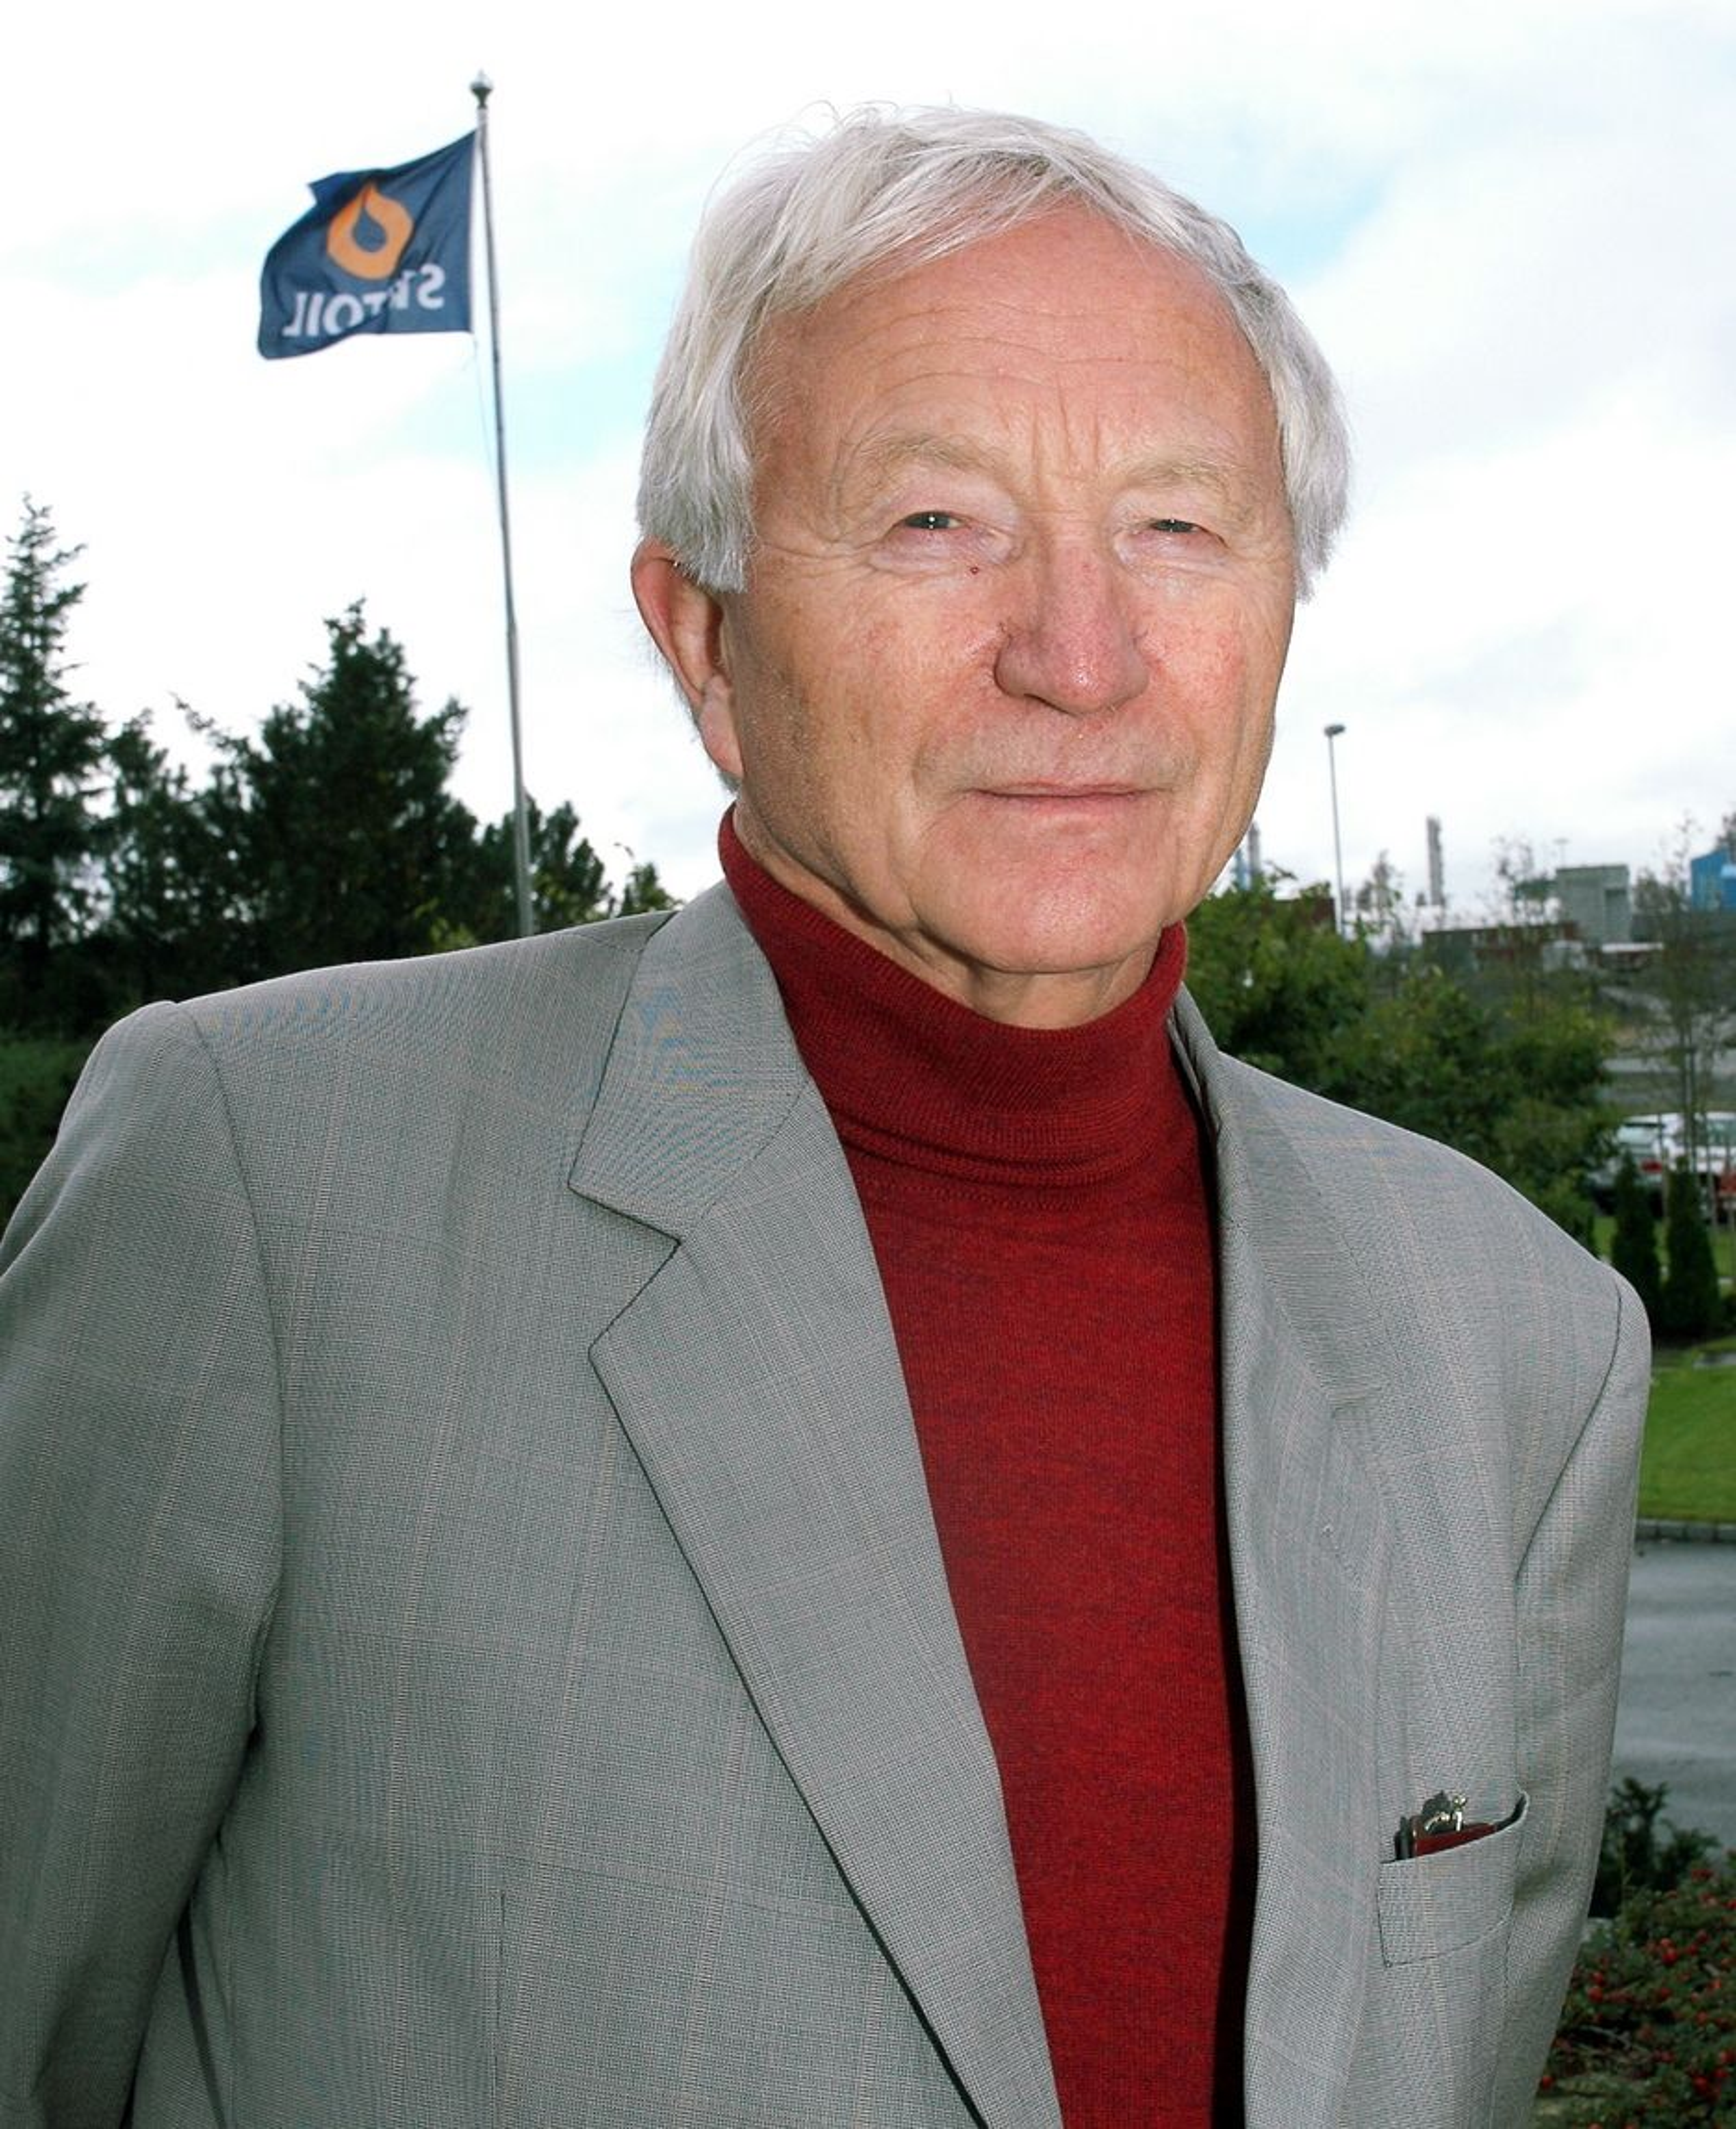 Tidligere Statoil-sjef Arve Johnsen. Nå har han skrevt bok, og viserer tydelig skepsis til Staoil Hydro-fusjonen.